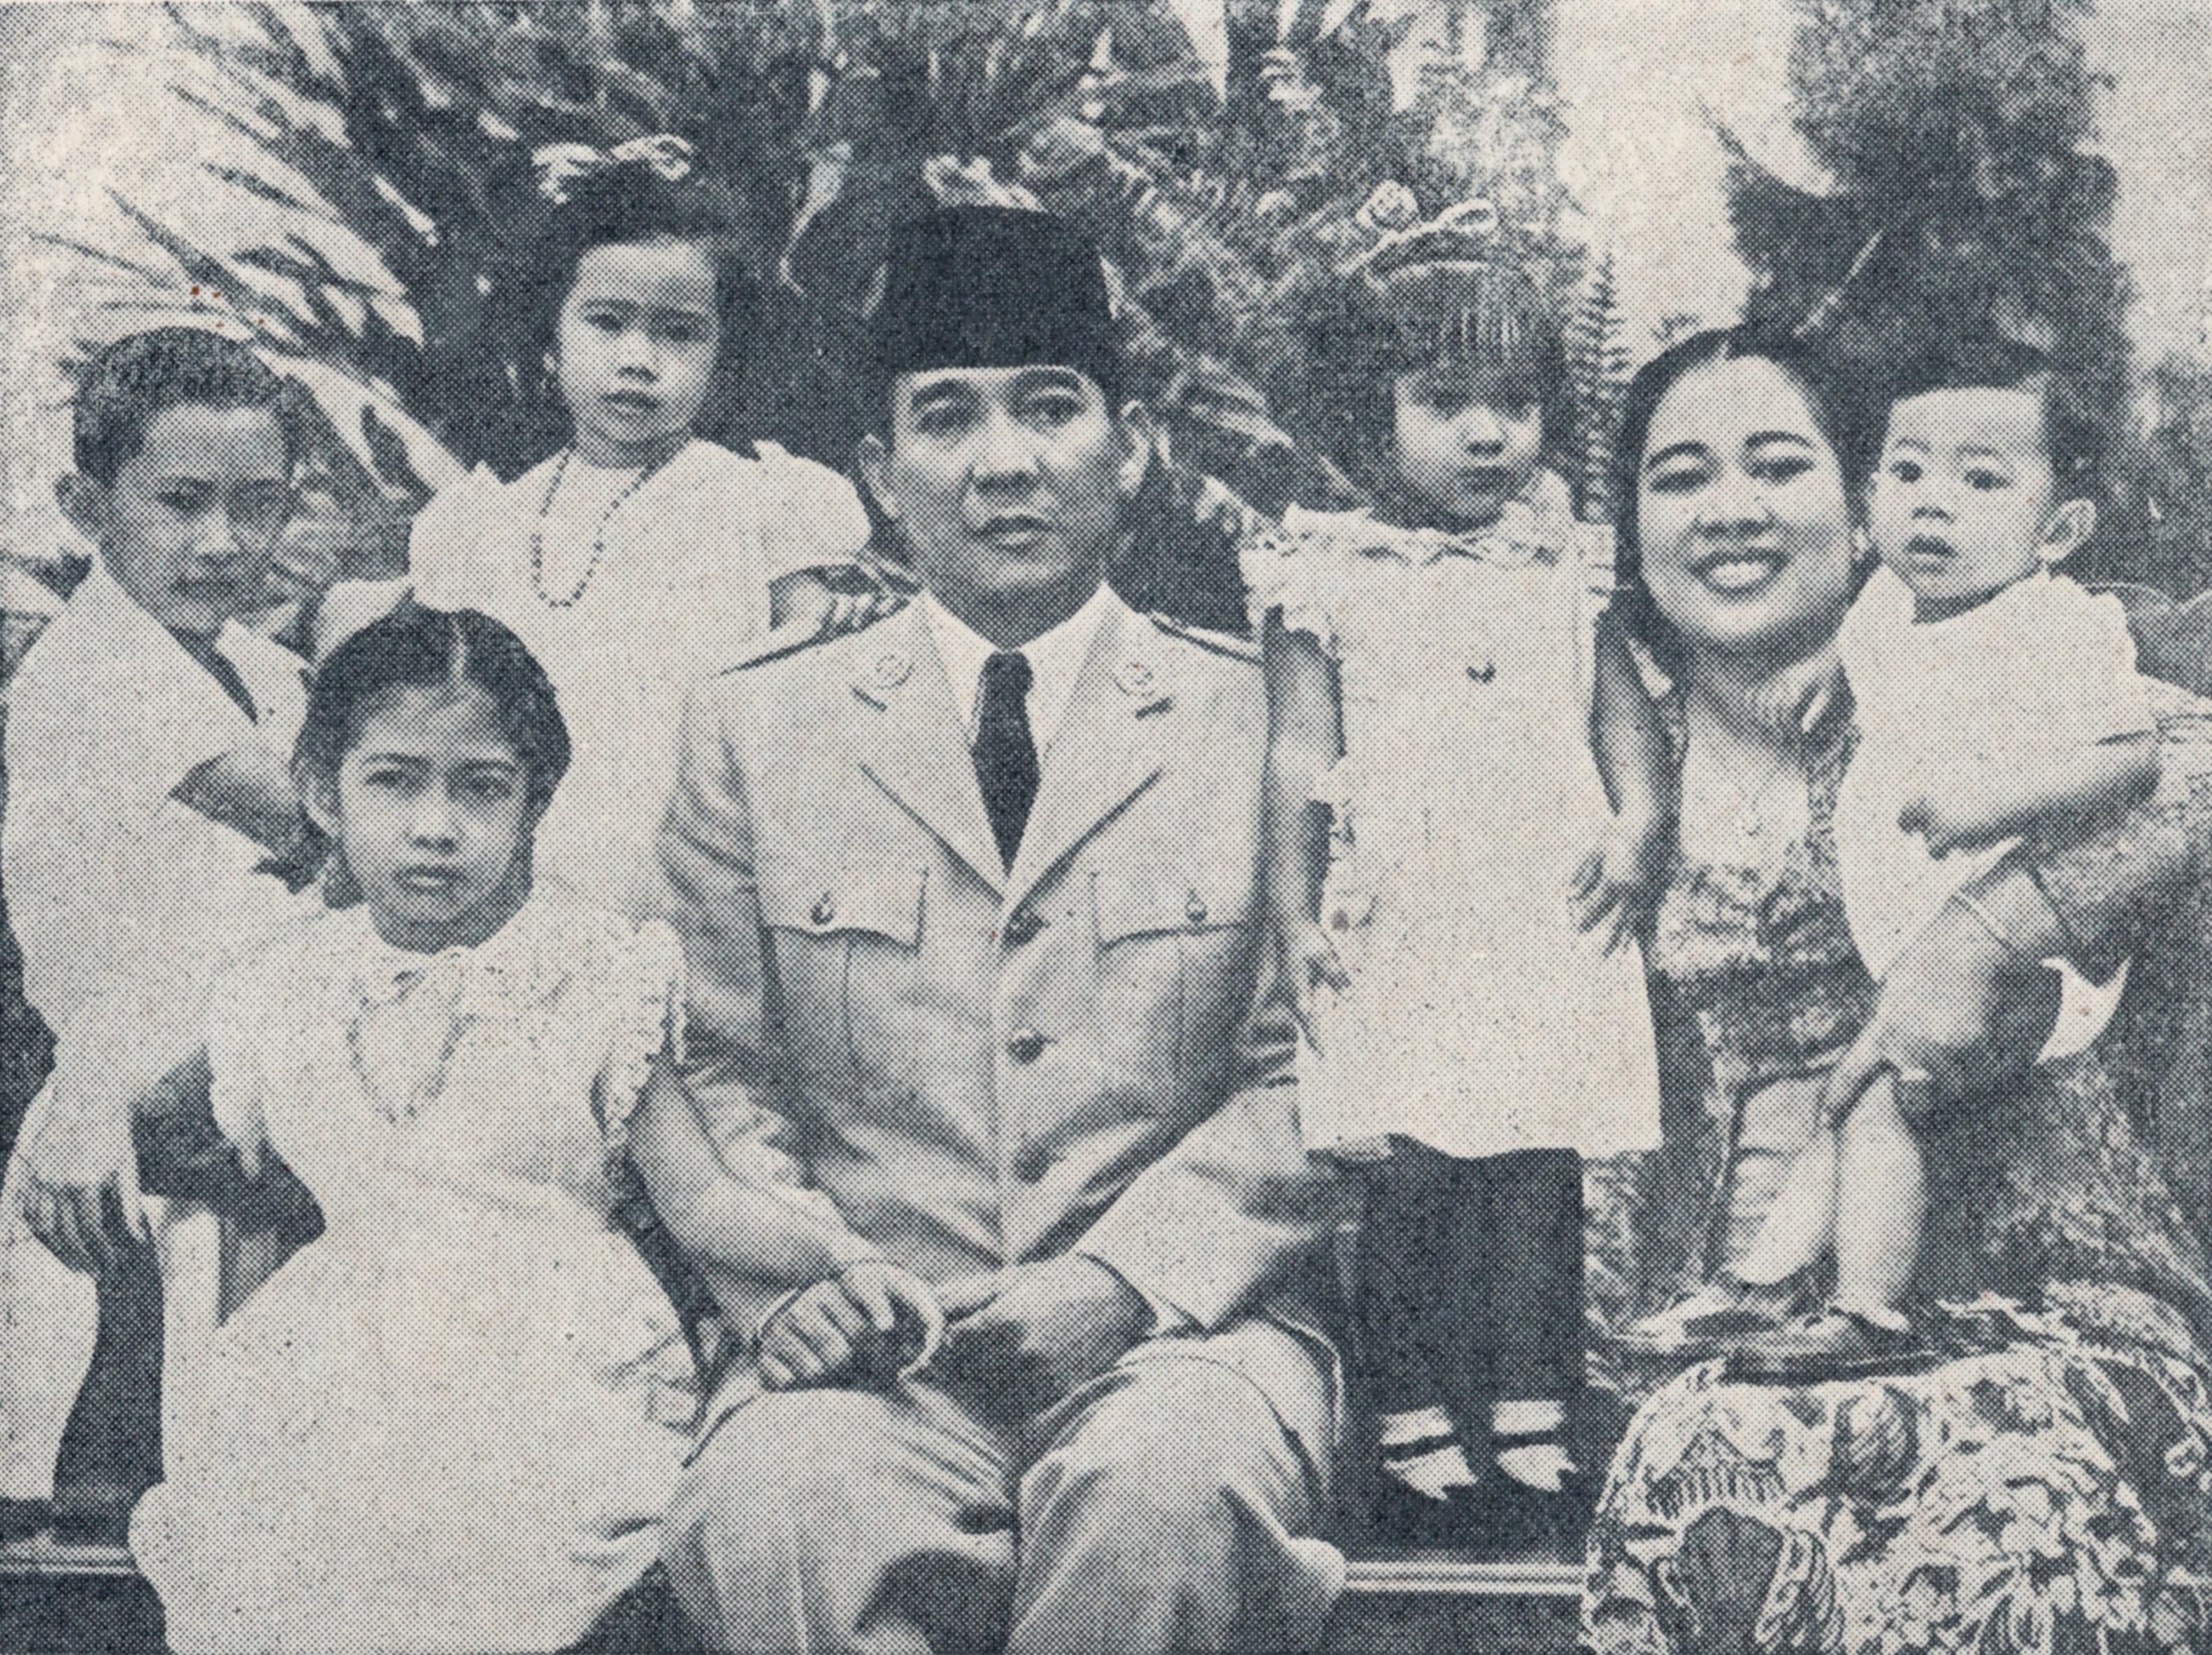 Filesukarno And Family Bung Karno Penjambung Lidah Rakjat  Jpg